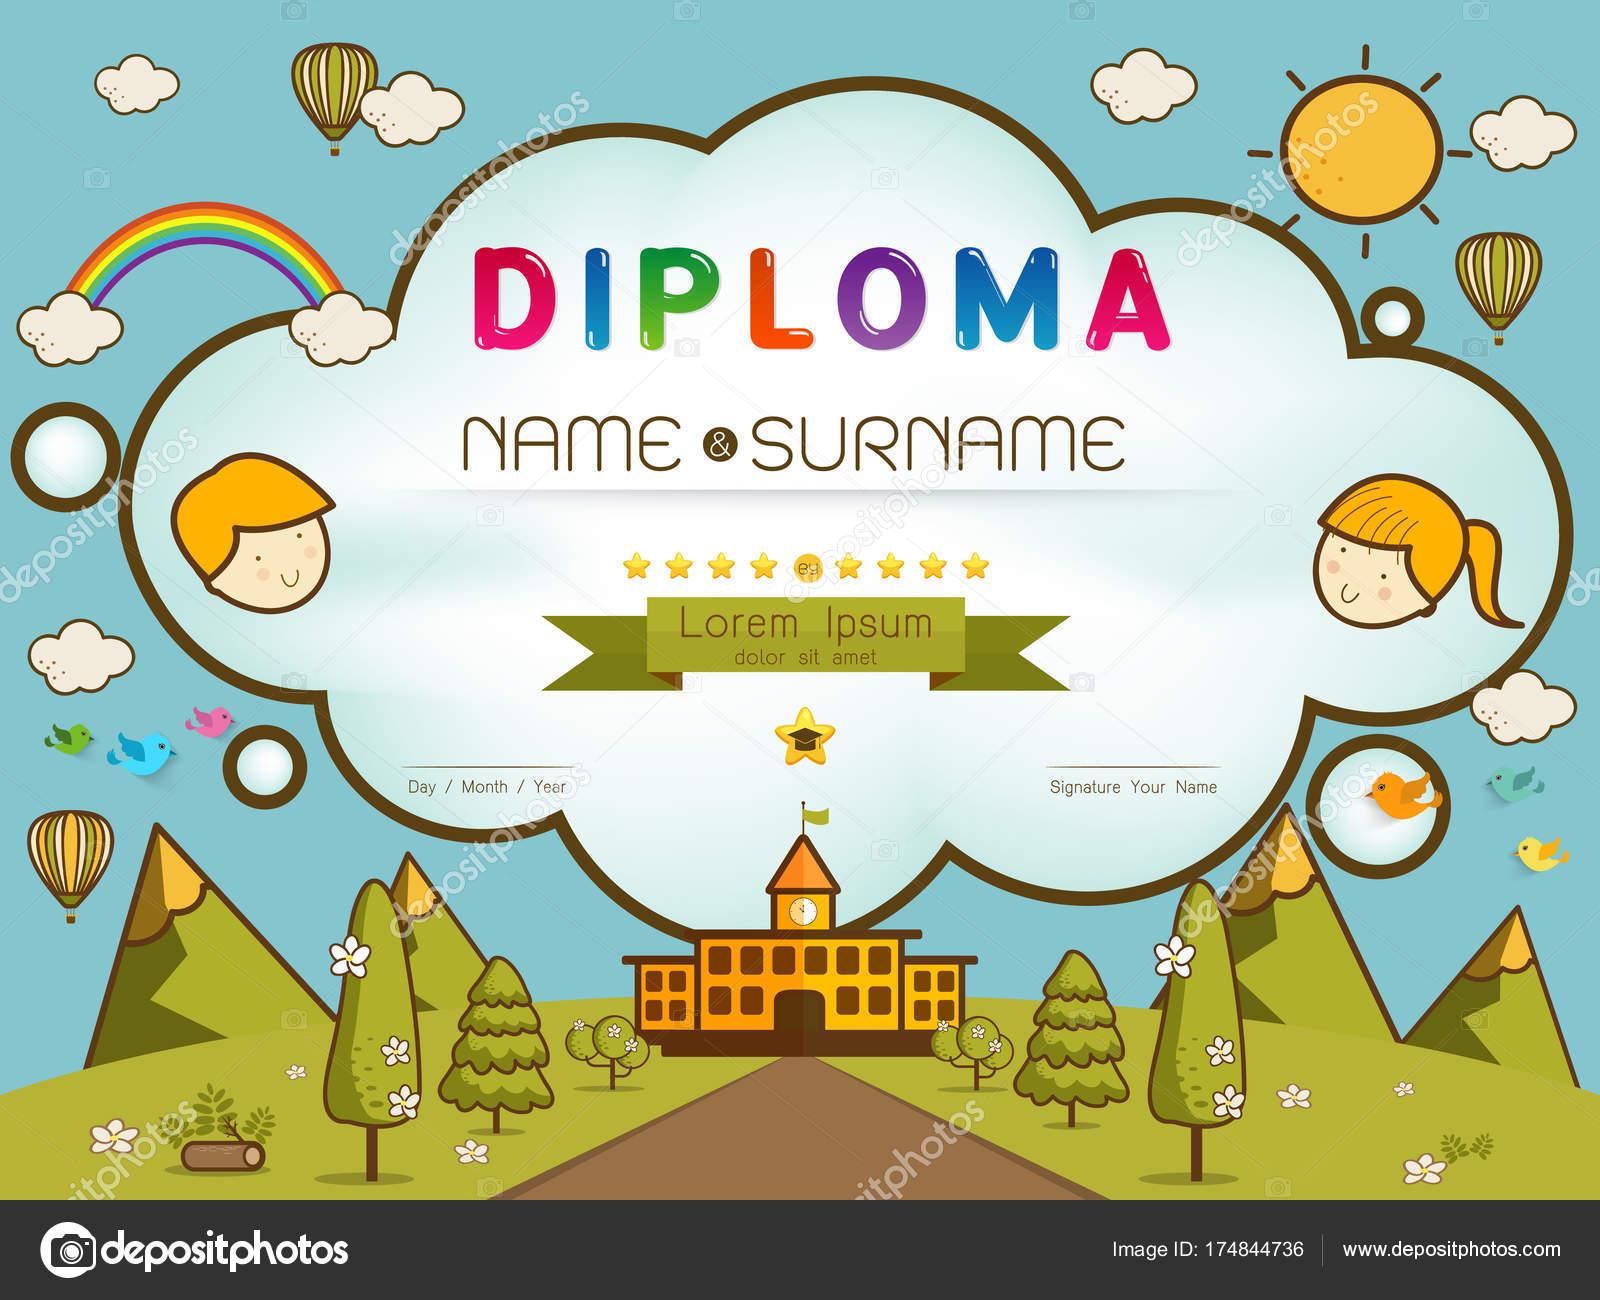 certificate kids diploma stock vector es7sense 174844736